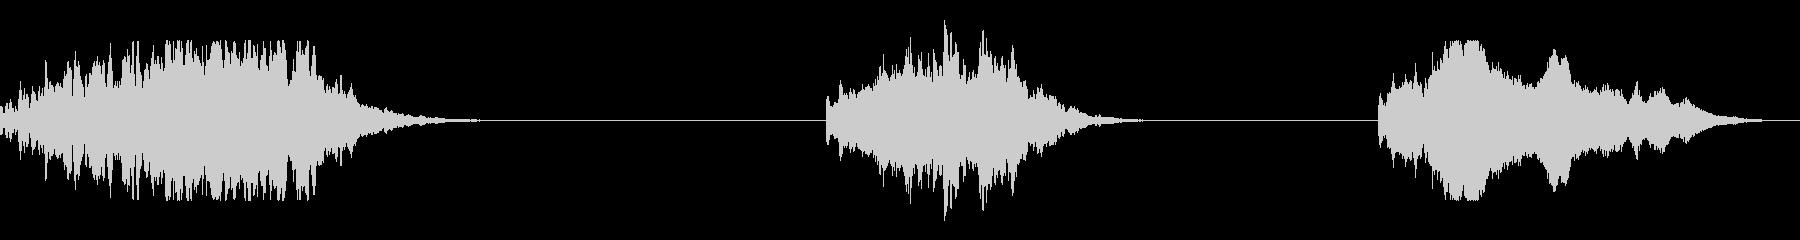 ベルスケールエンディング、3バージ...の未再生の波形